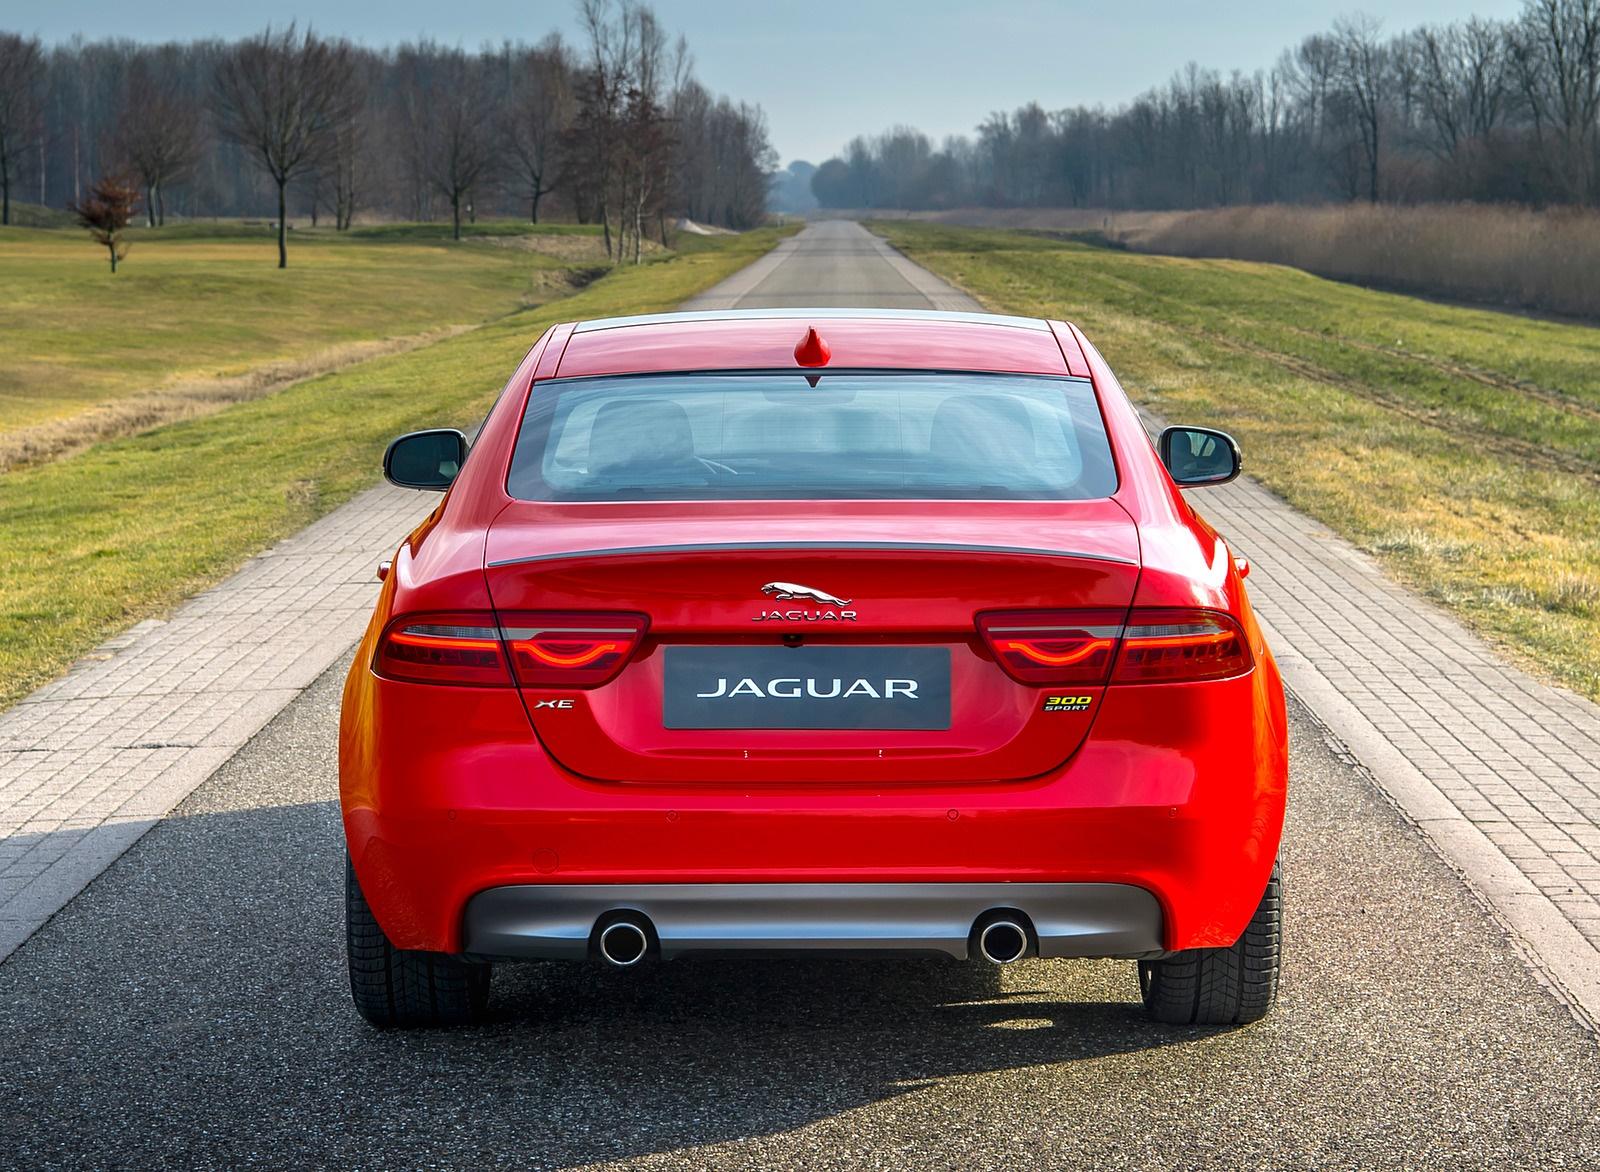 2019 Jaguar XE 300 SPORT Rear Wallpapers (7)